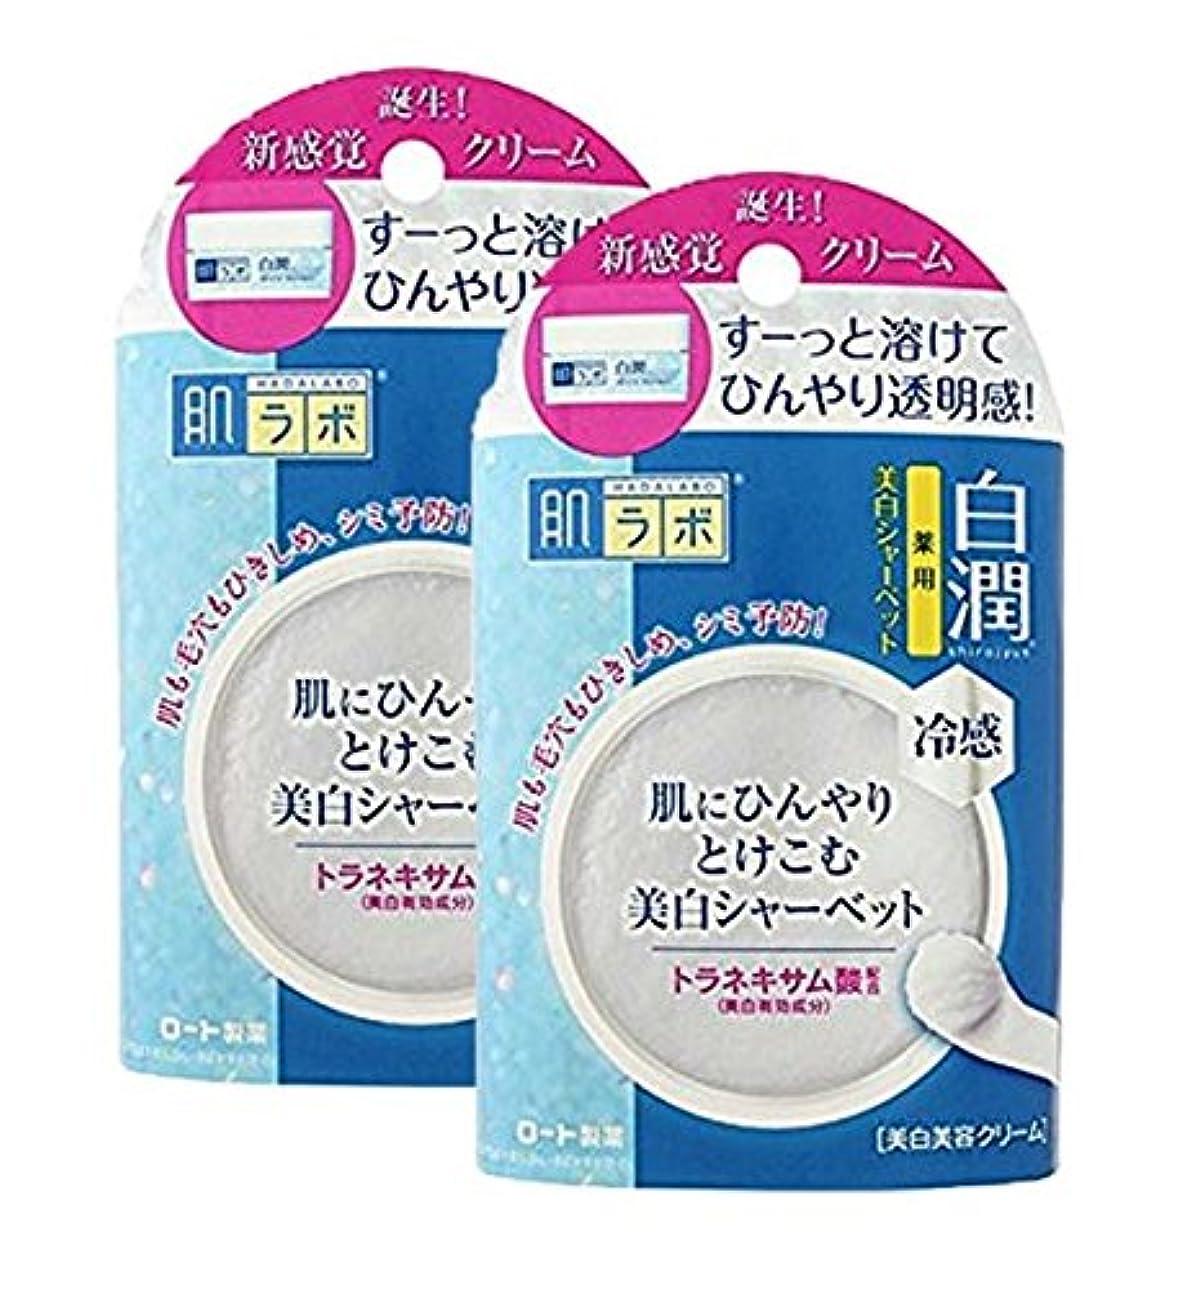 公平熟達した間違い肌ラボ 白潤 冷感美白シャーベット30g (医薬部外品)×2